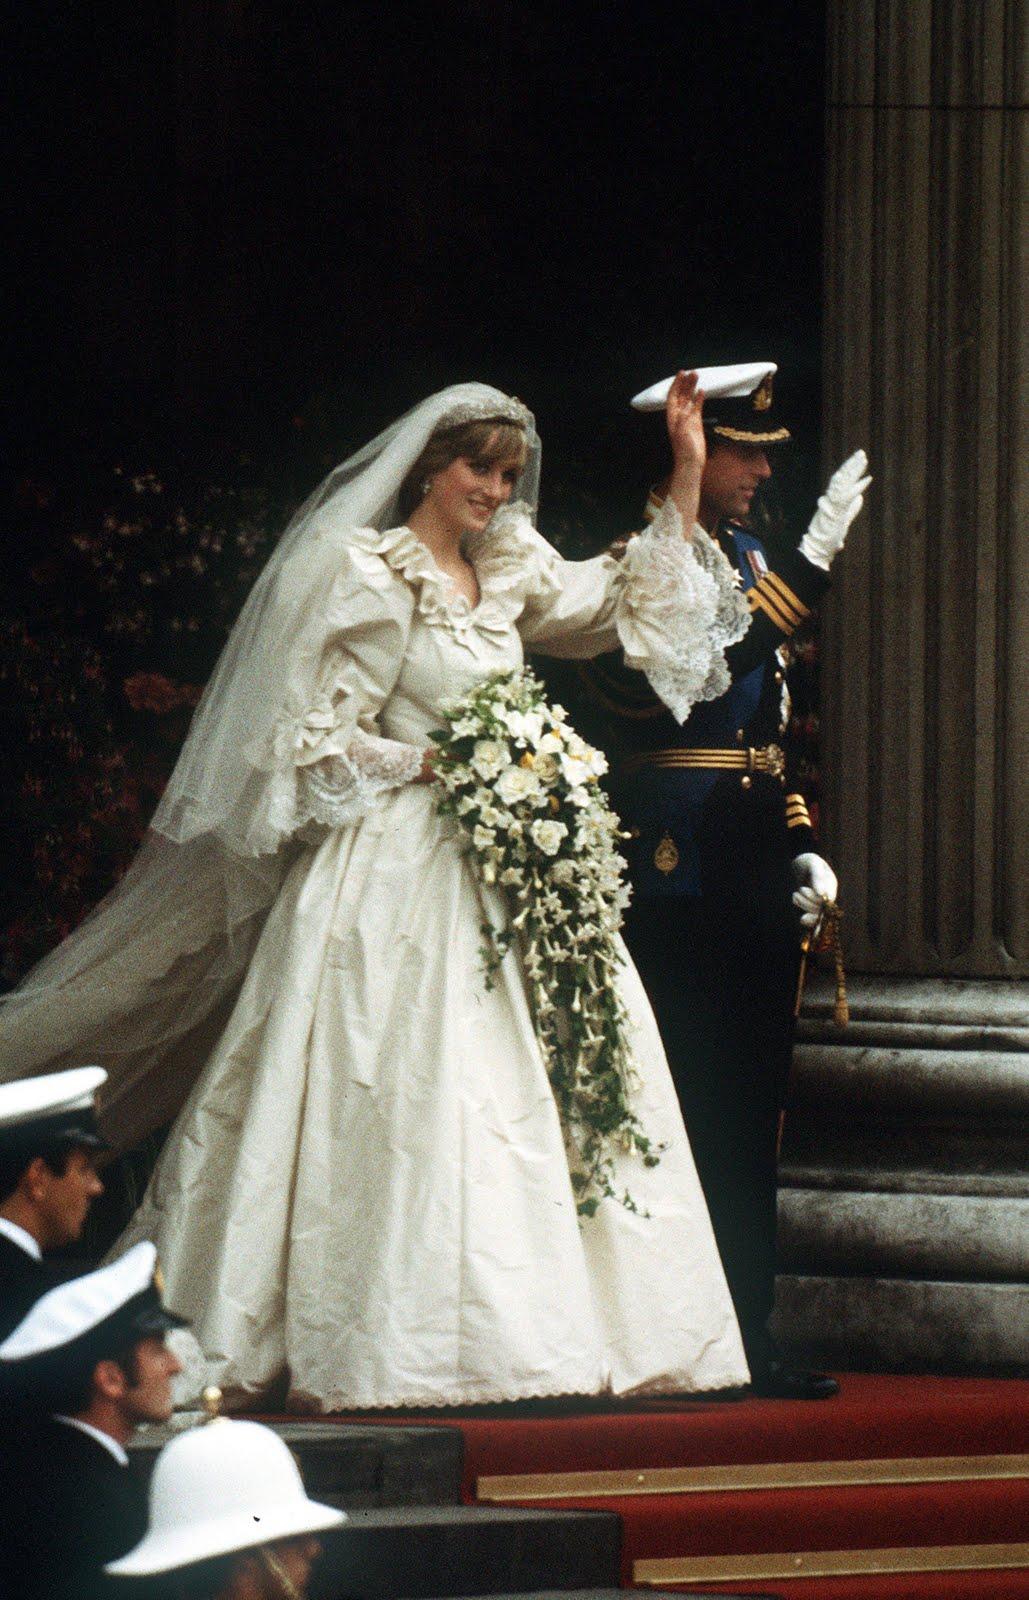 http://4.bp.blogspot.com/-12Ia3tRqOZU/TceGvMFDGgI/AAAAAAAAACA/4DnKUWJ7xAo/s1600/1981-Diana-Charles-Wedding-73399870.jpg